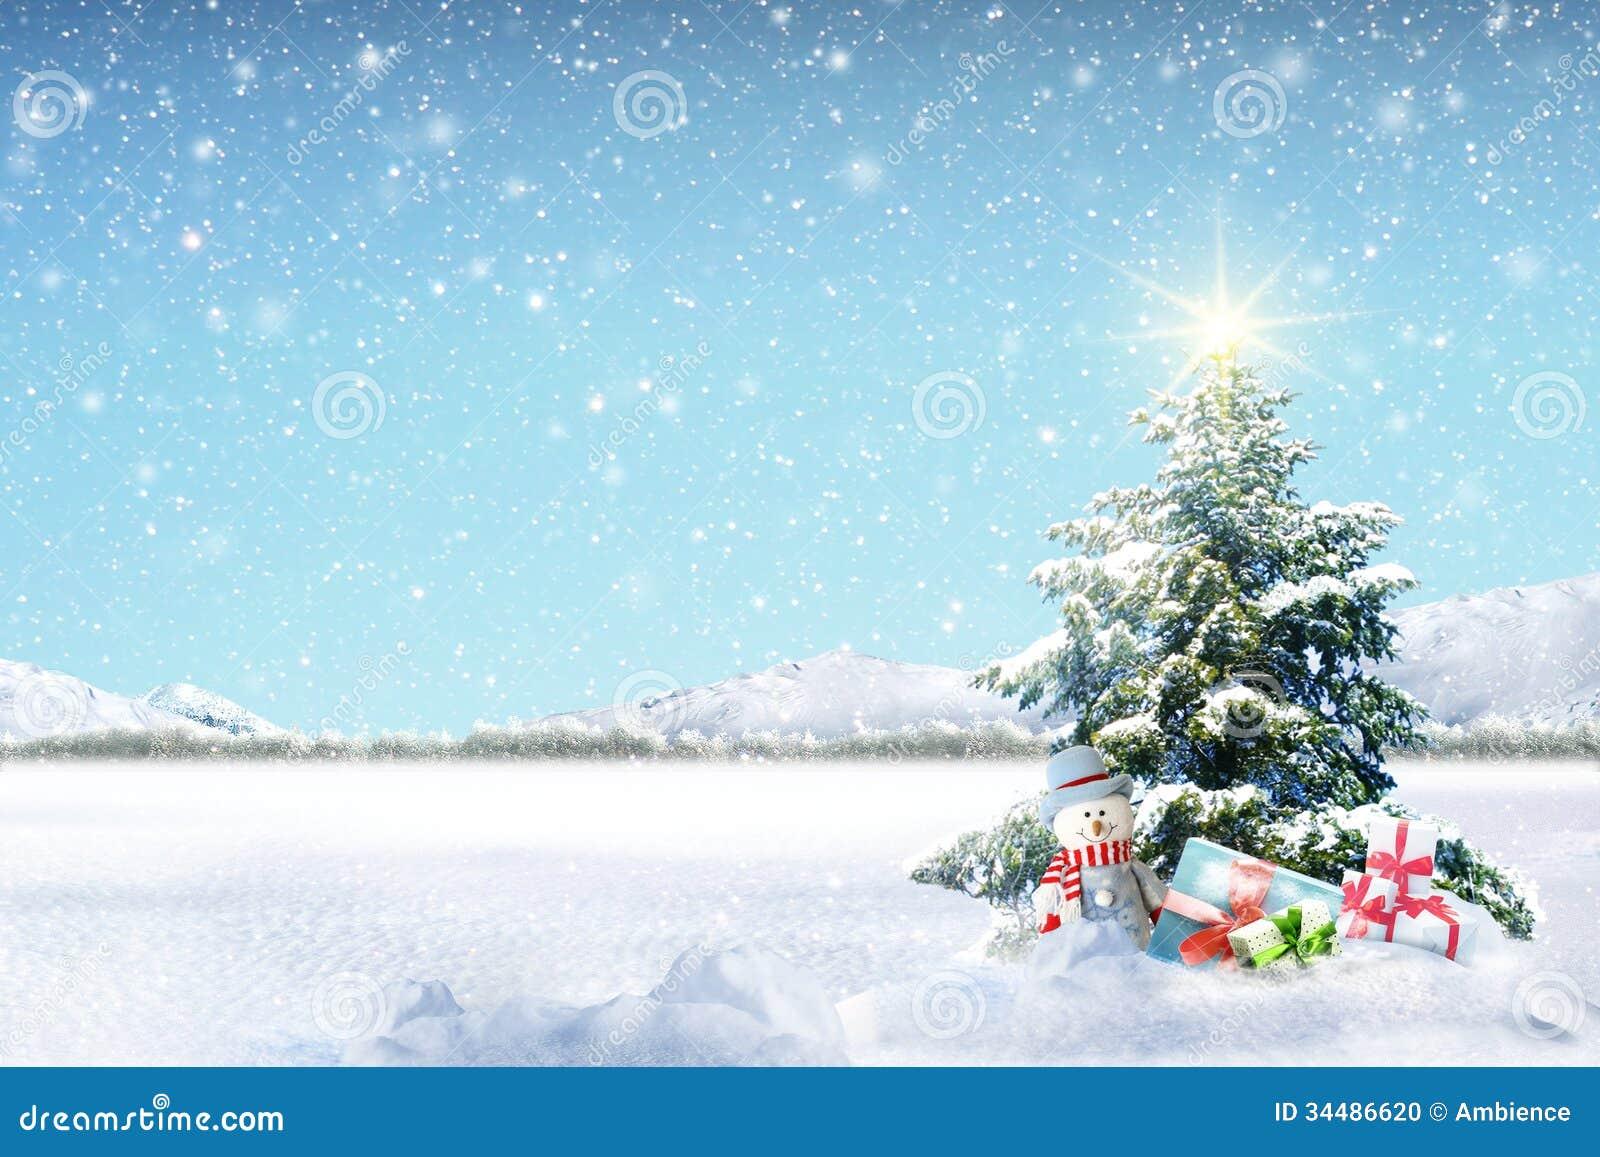 Stock Photo: Winter Holiday Theme background. Image: 34486620